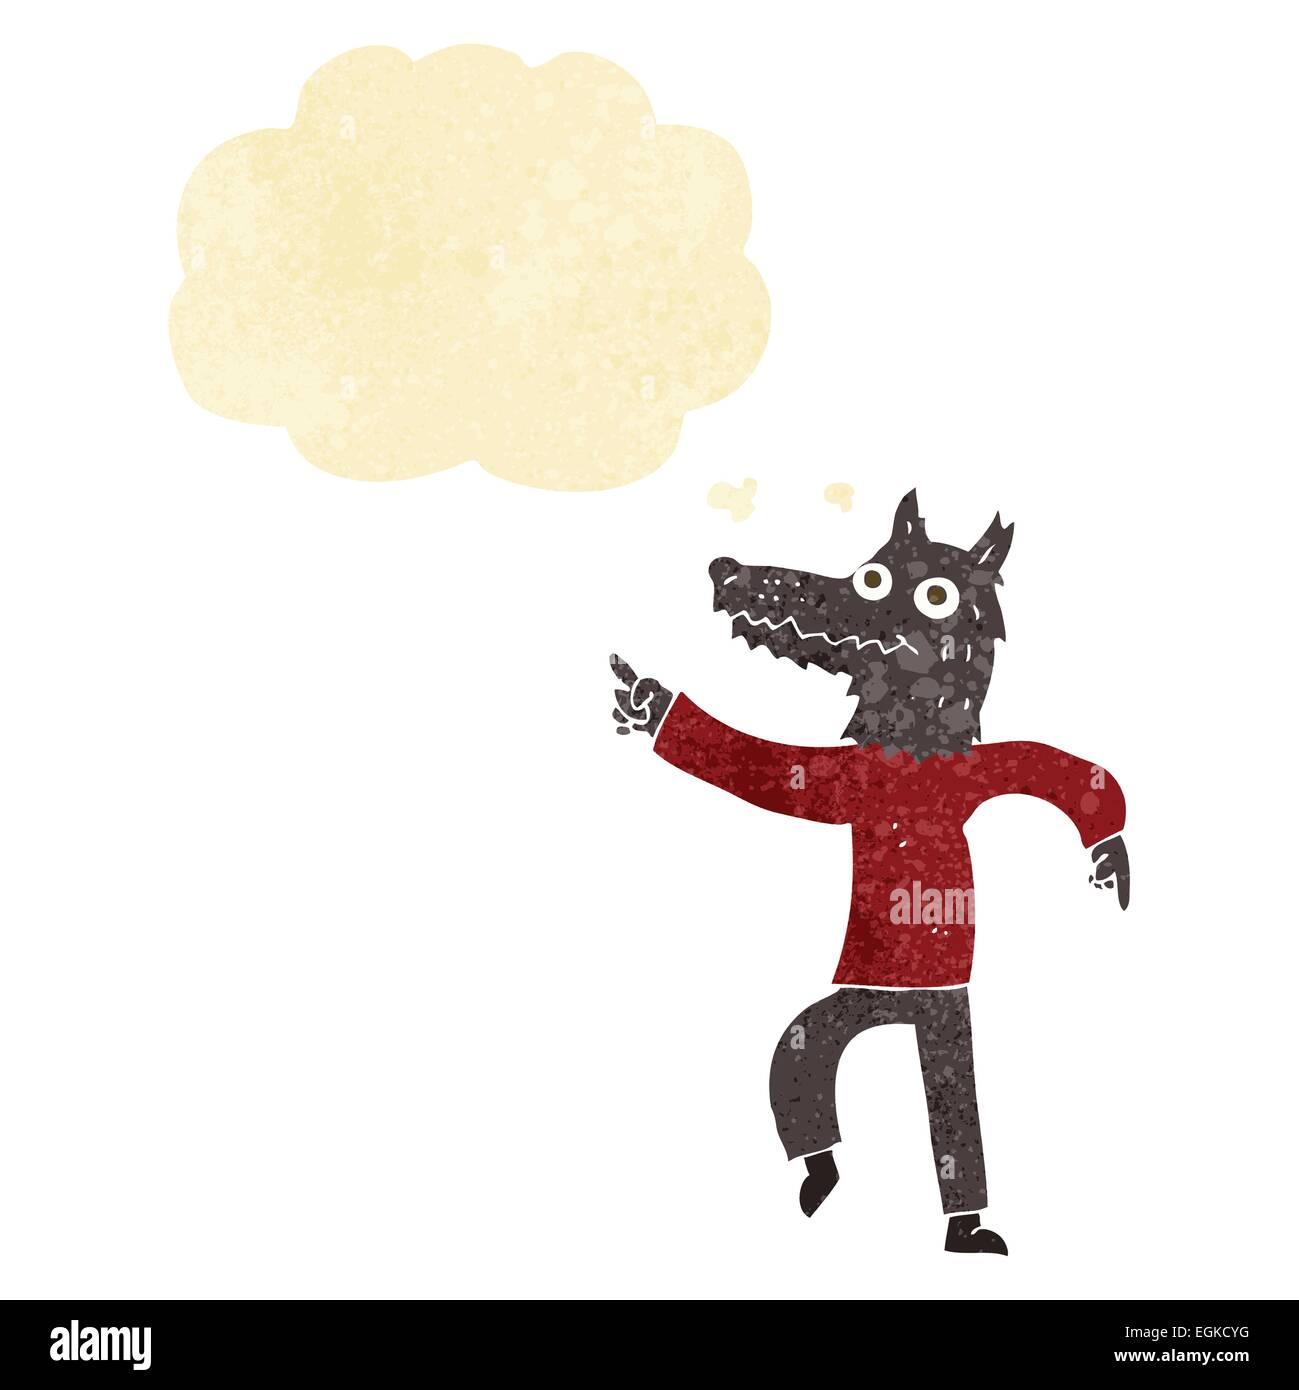 Cartoon uomo lupo con fumetto pensiero illustrazione vettoriale